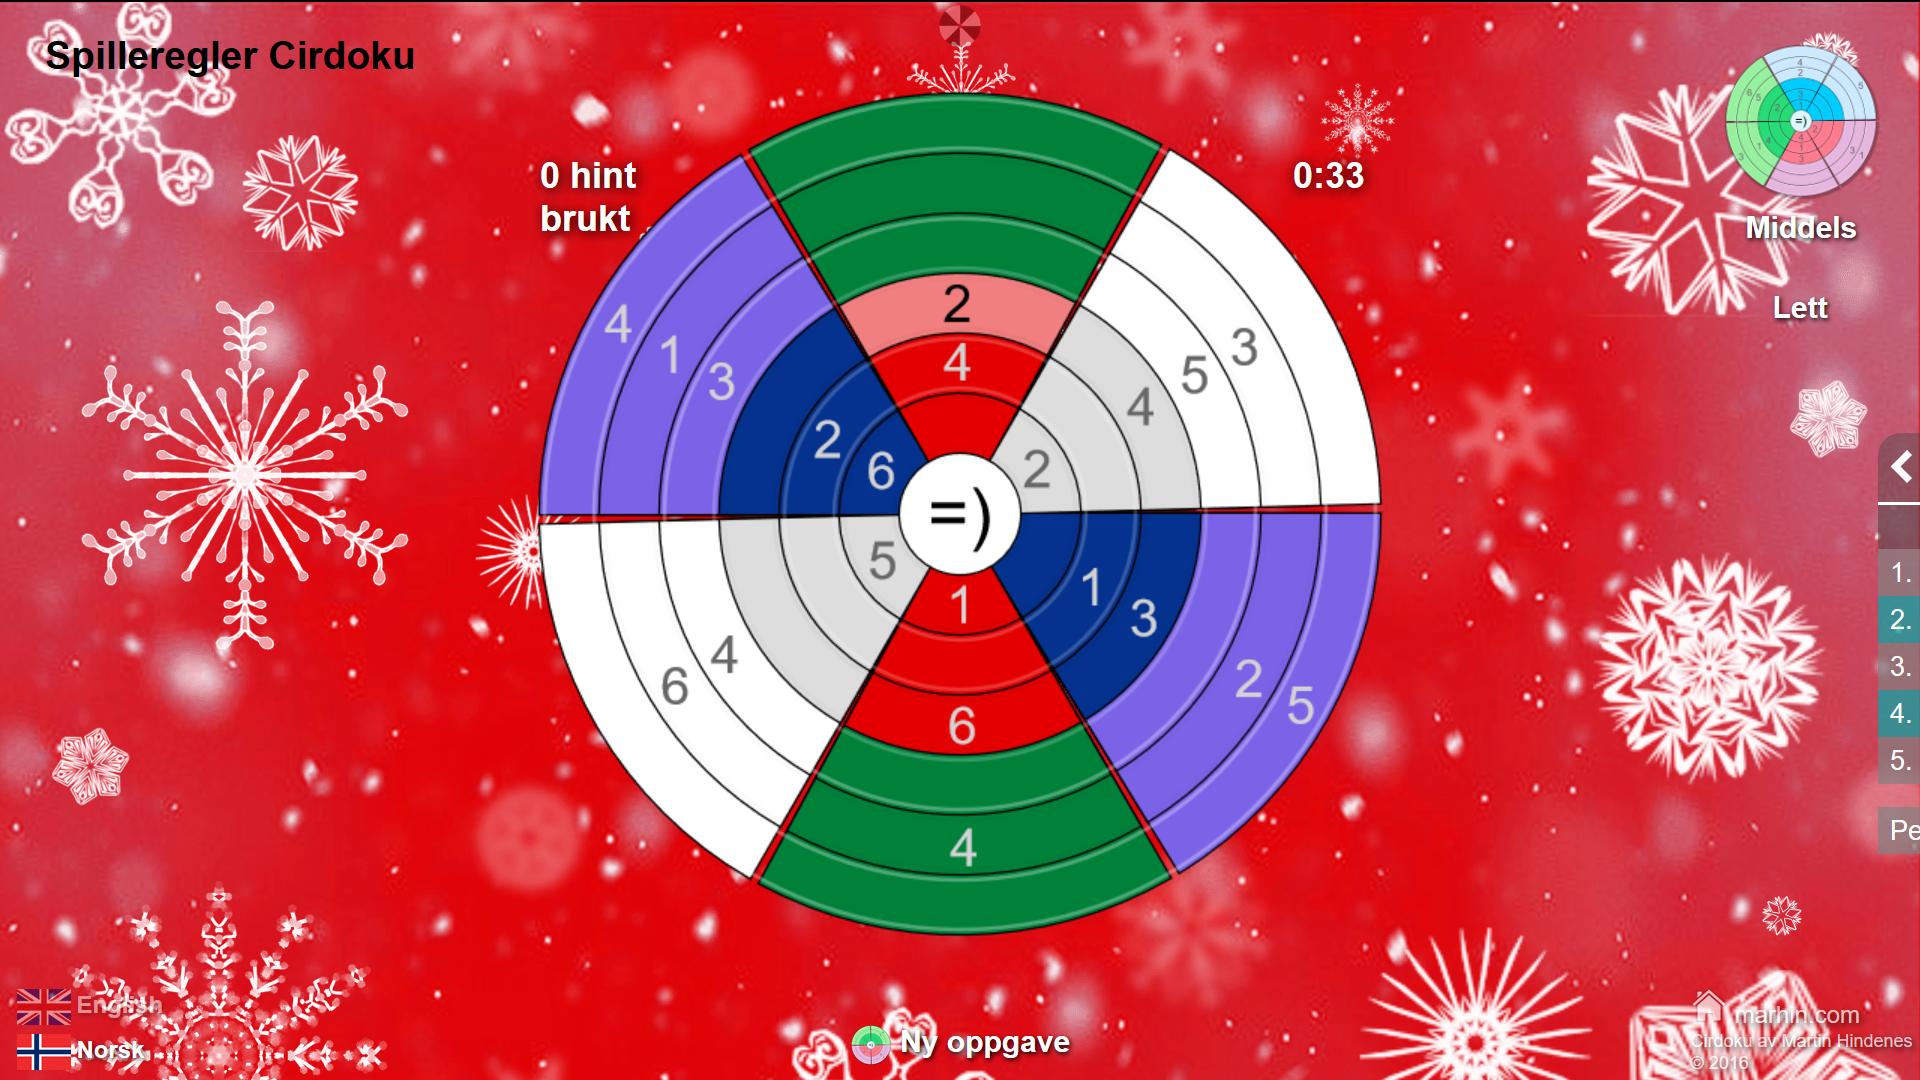 Sirkel-sudoku med julefarger